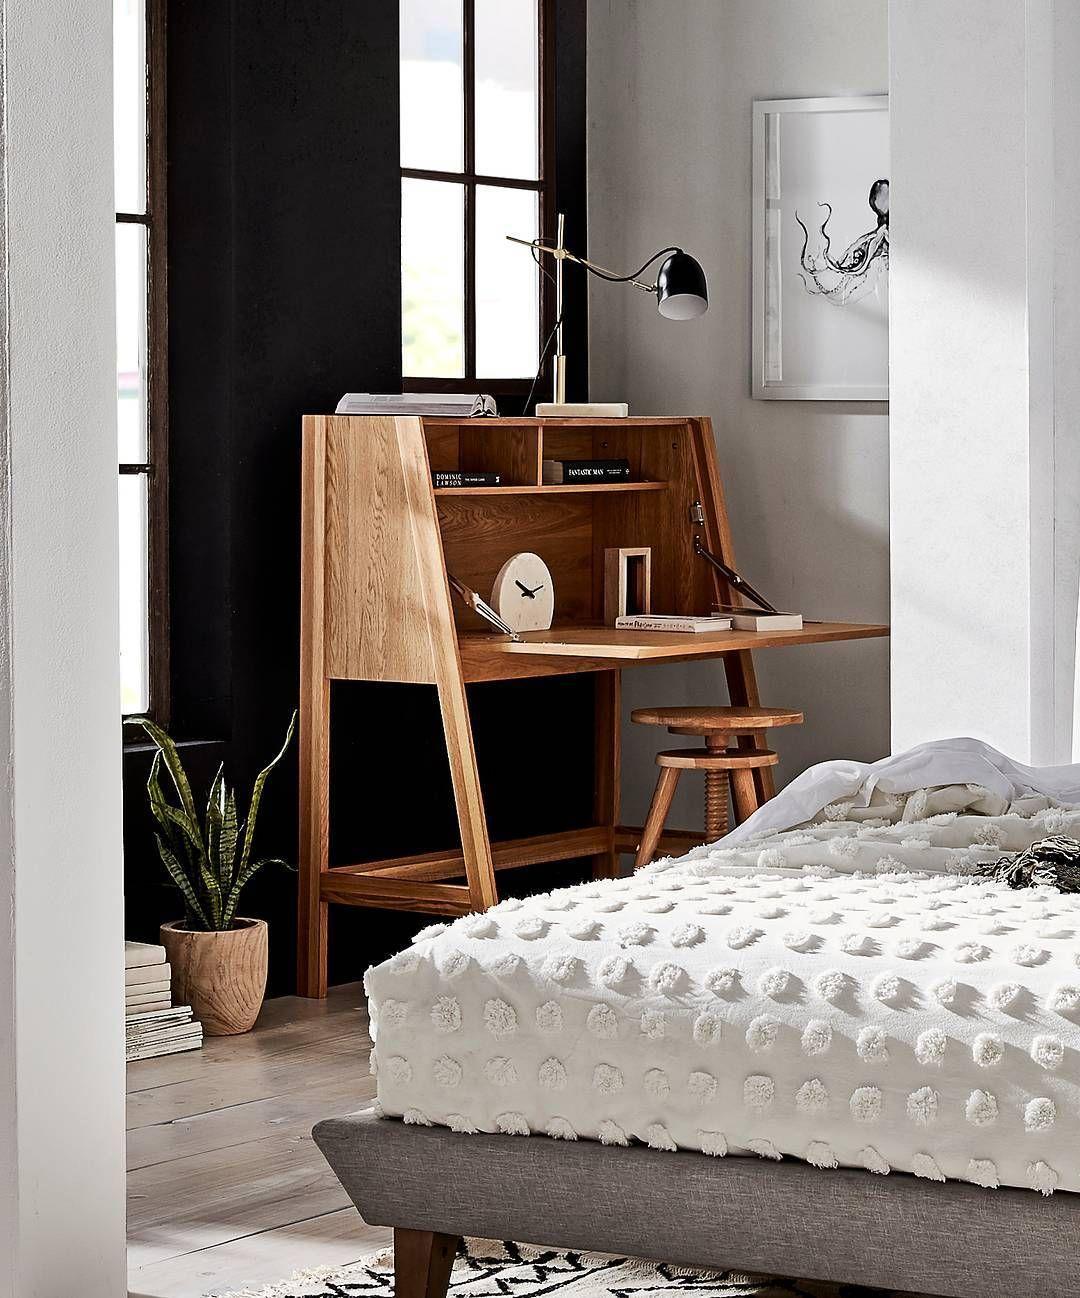 Absolut Alles Im Angebot Auf Instagram Schreibtisch Zum Beeindrucken Organisieren Sie Sich Mit Unserem Stilvollen Und Funktionalen Clarke Schreibtisch P In 2020 Schreibtisch Im Schlafzimmer Schlafzimmer Ideen Wohnzimmer Design